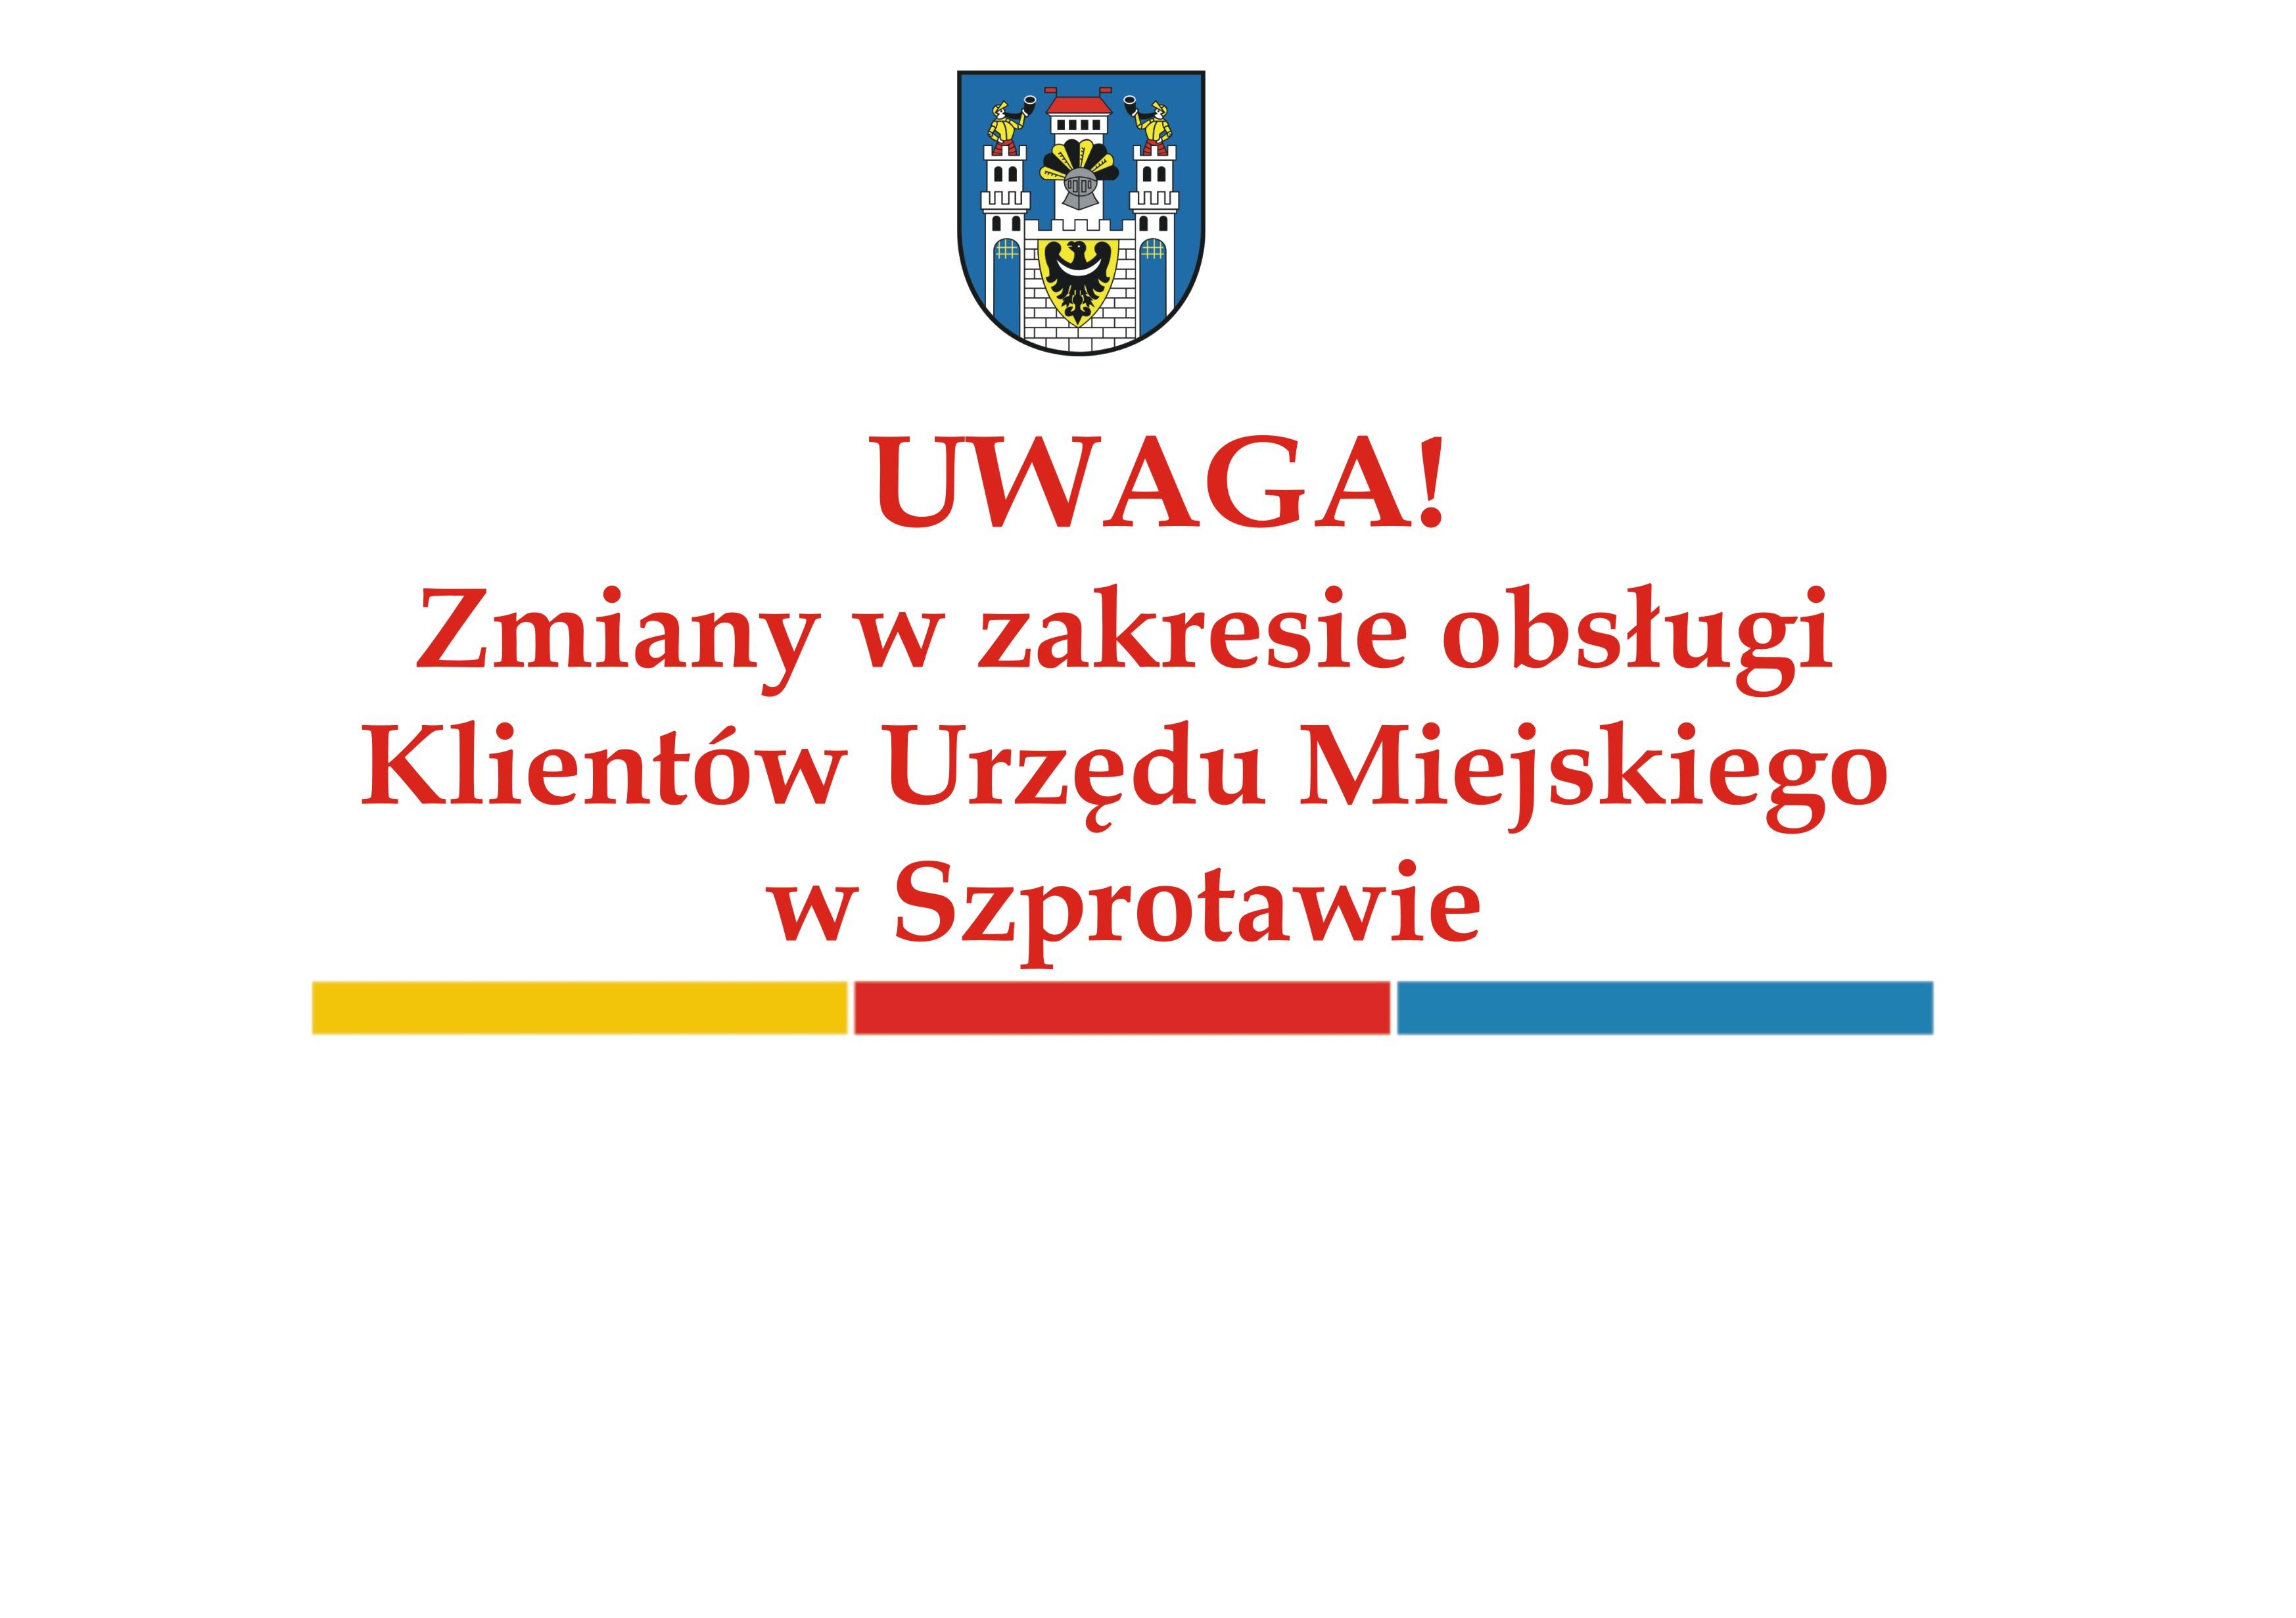 Ilustracja do informacji: UWAGA! Zmiany w zakresie obsługi Klientów Urzędu Miejskiego w Szprotawie